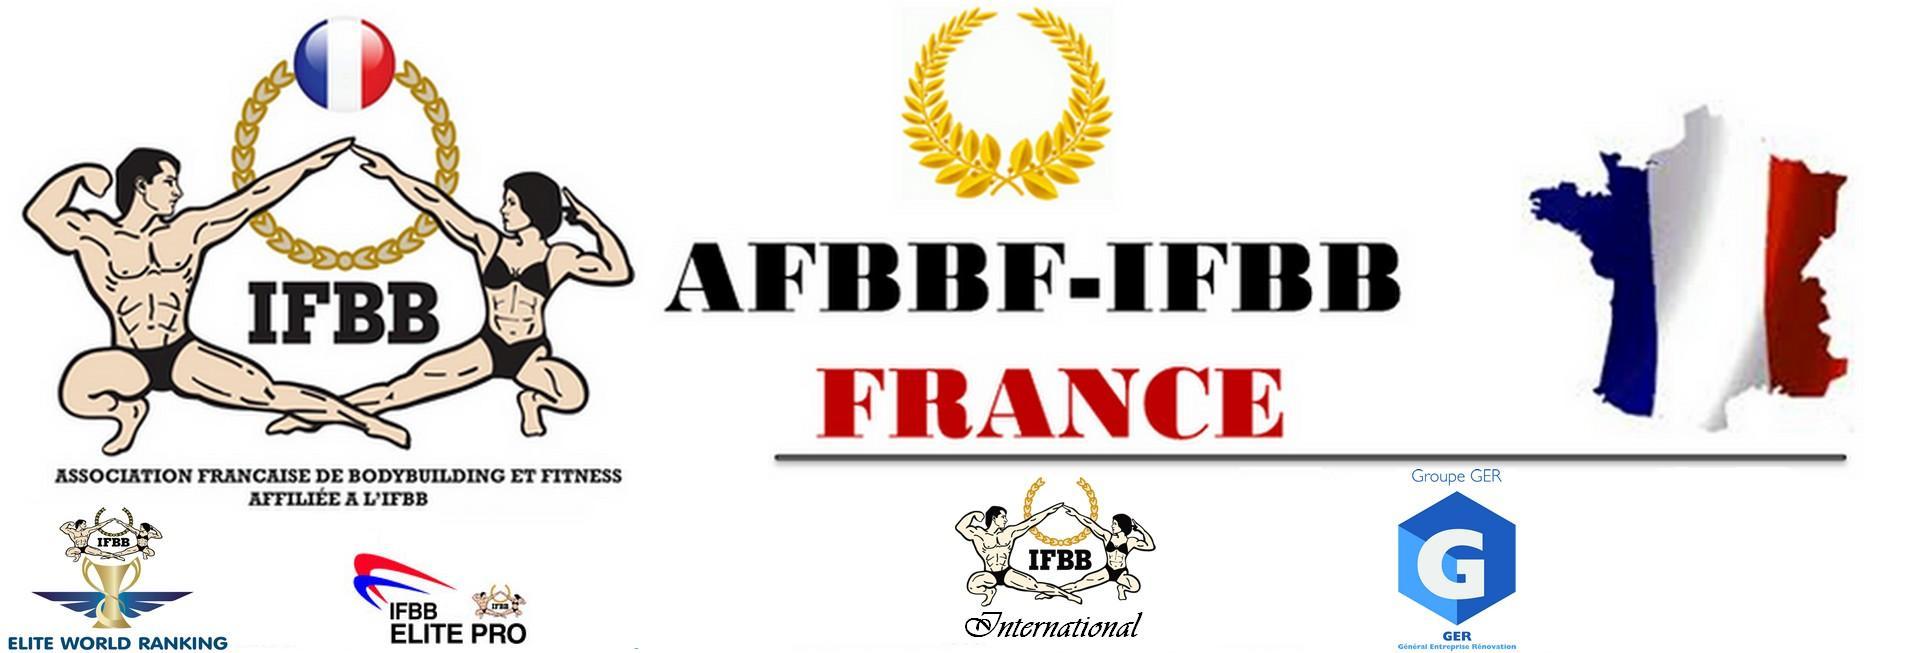 IFBB FRANCE OFFICIEL